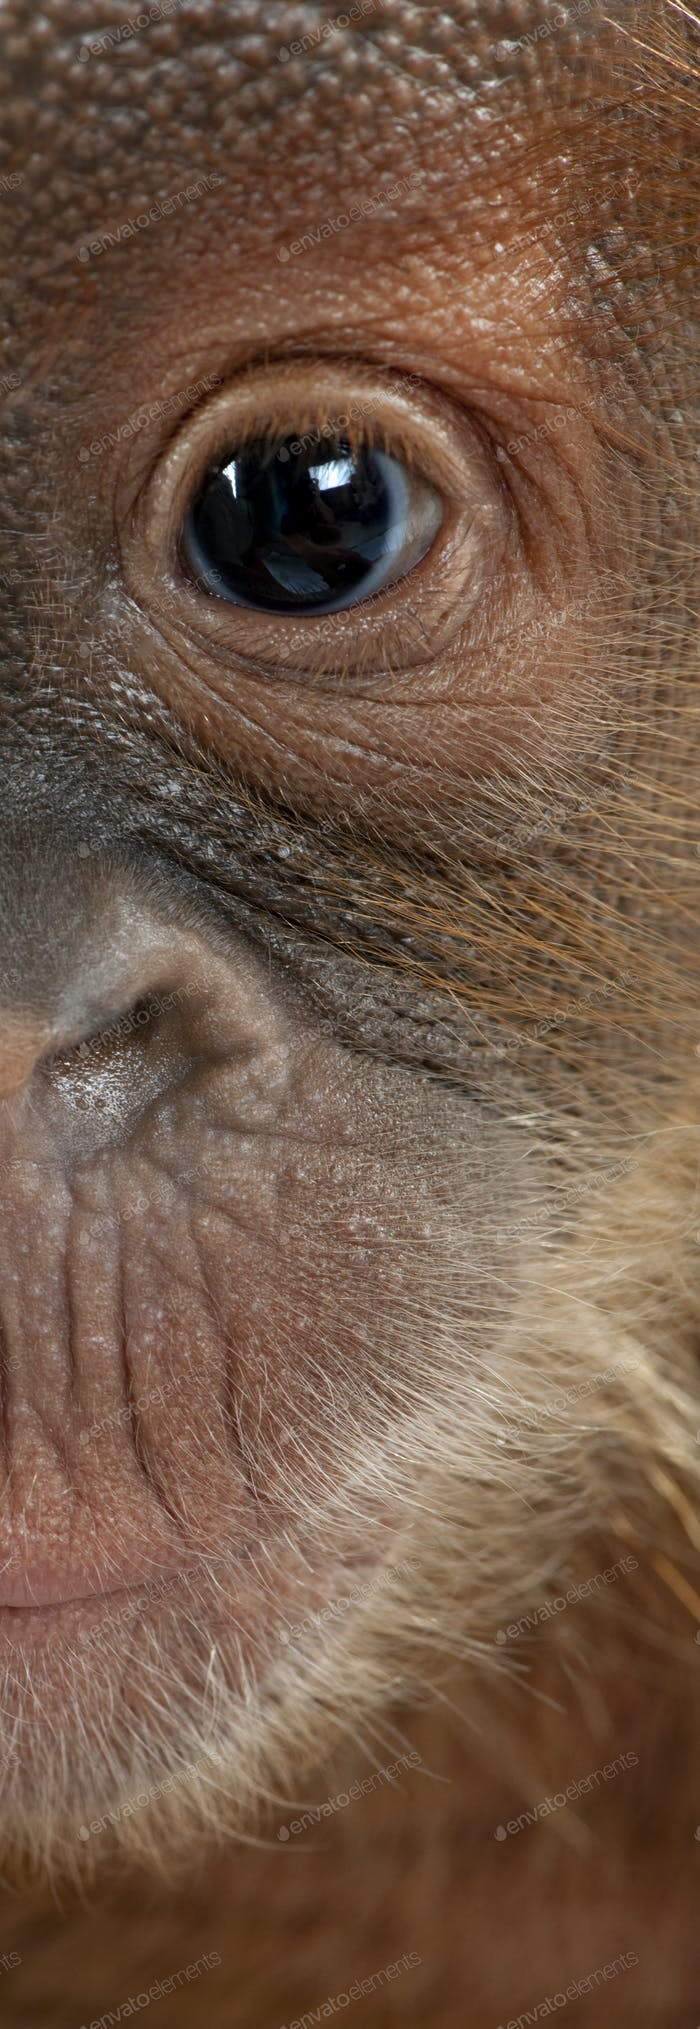 Panoramic close-up of baby Sumatran Orangutan, 4 months old